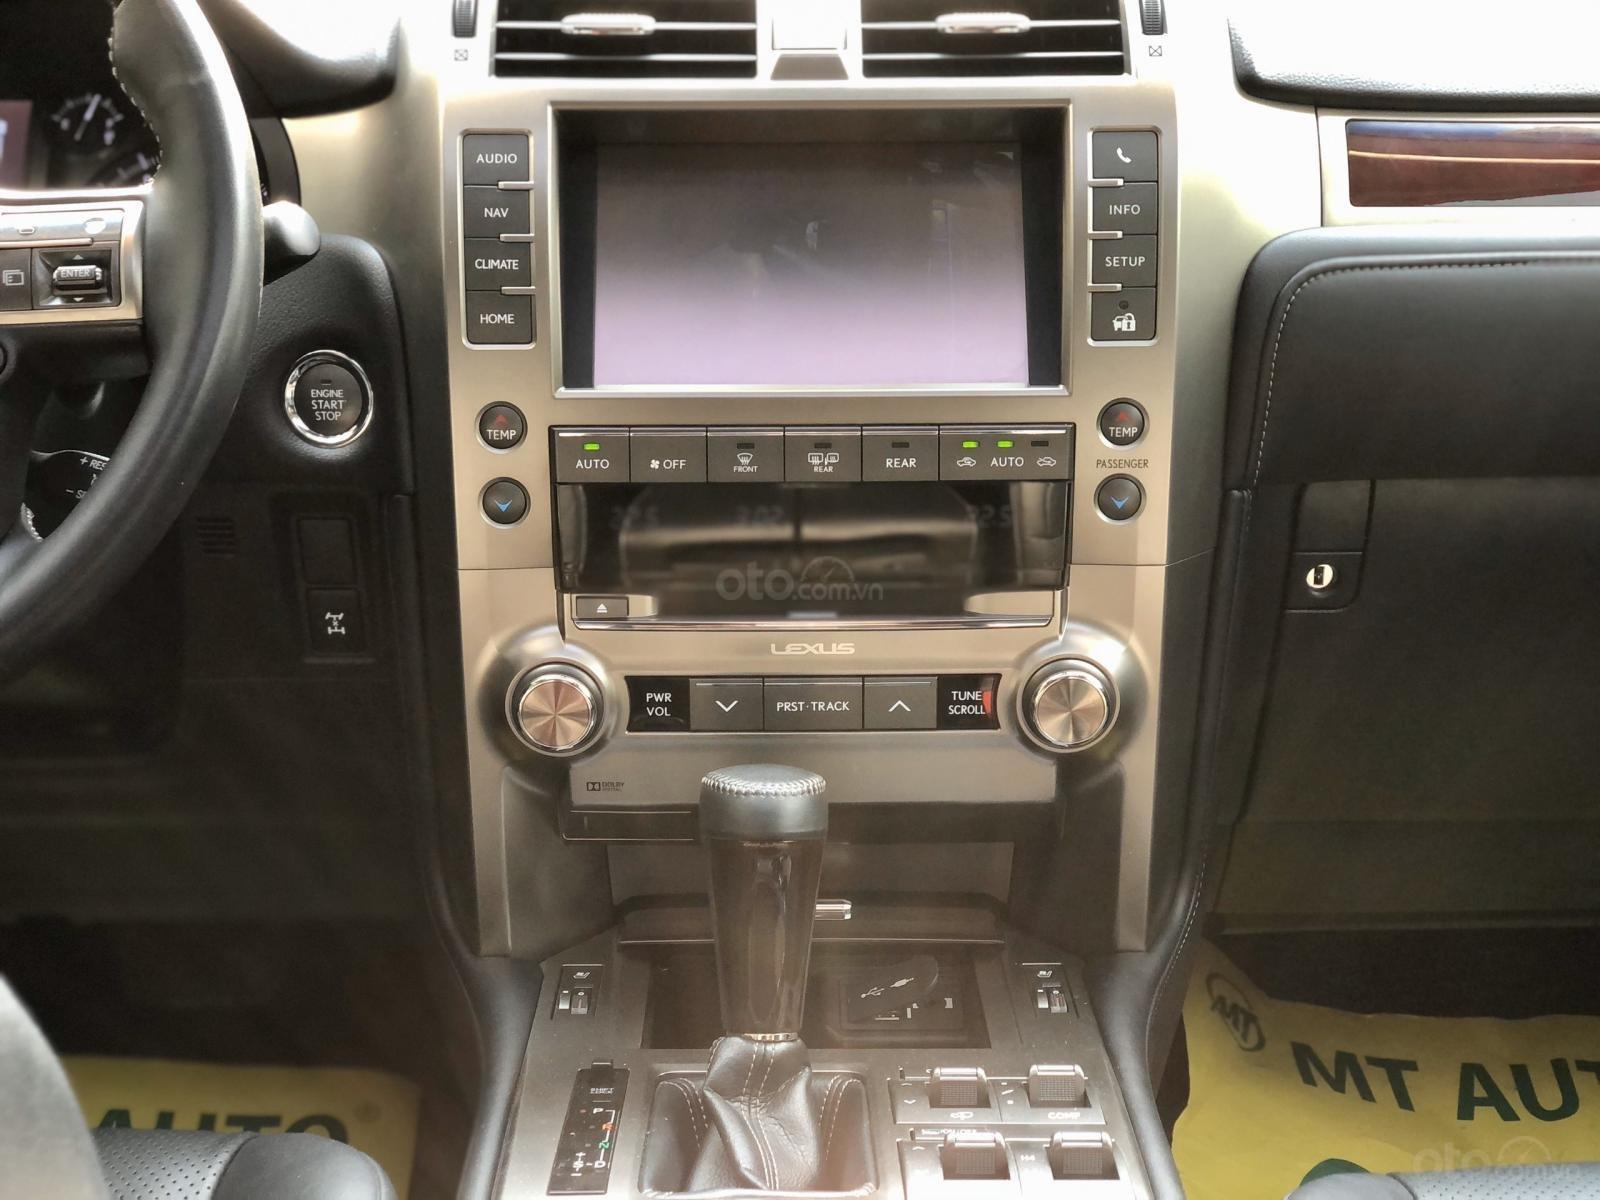 Bán Lexus GX 460 đời 2015, giao xe toàn quốc LH 094.539.2468 Ms Hương (11)